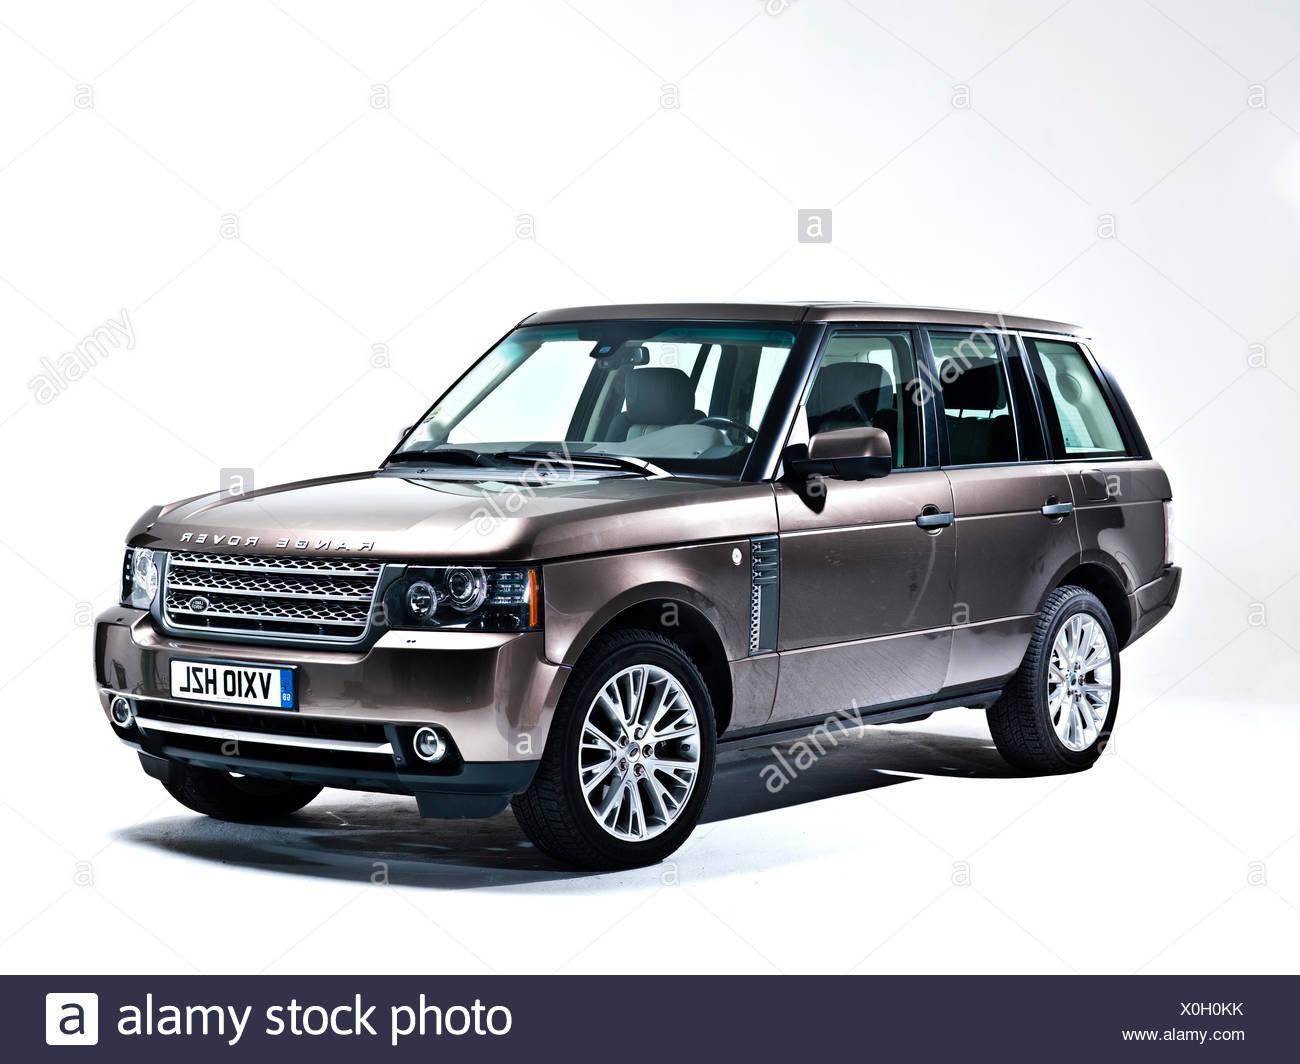 Dritten Generation Range Rover, London, 19 11 2010 Stockbild